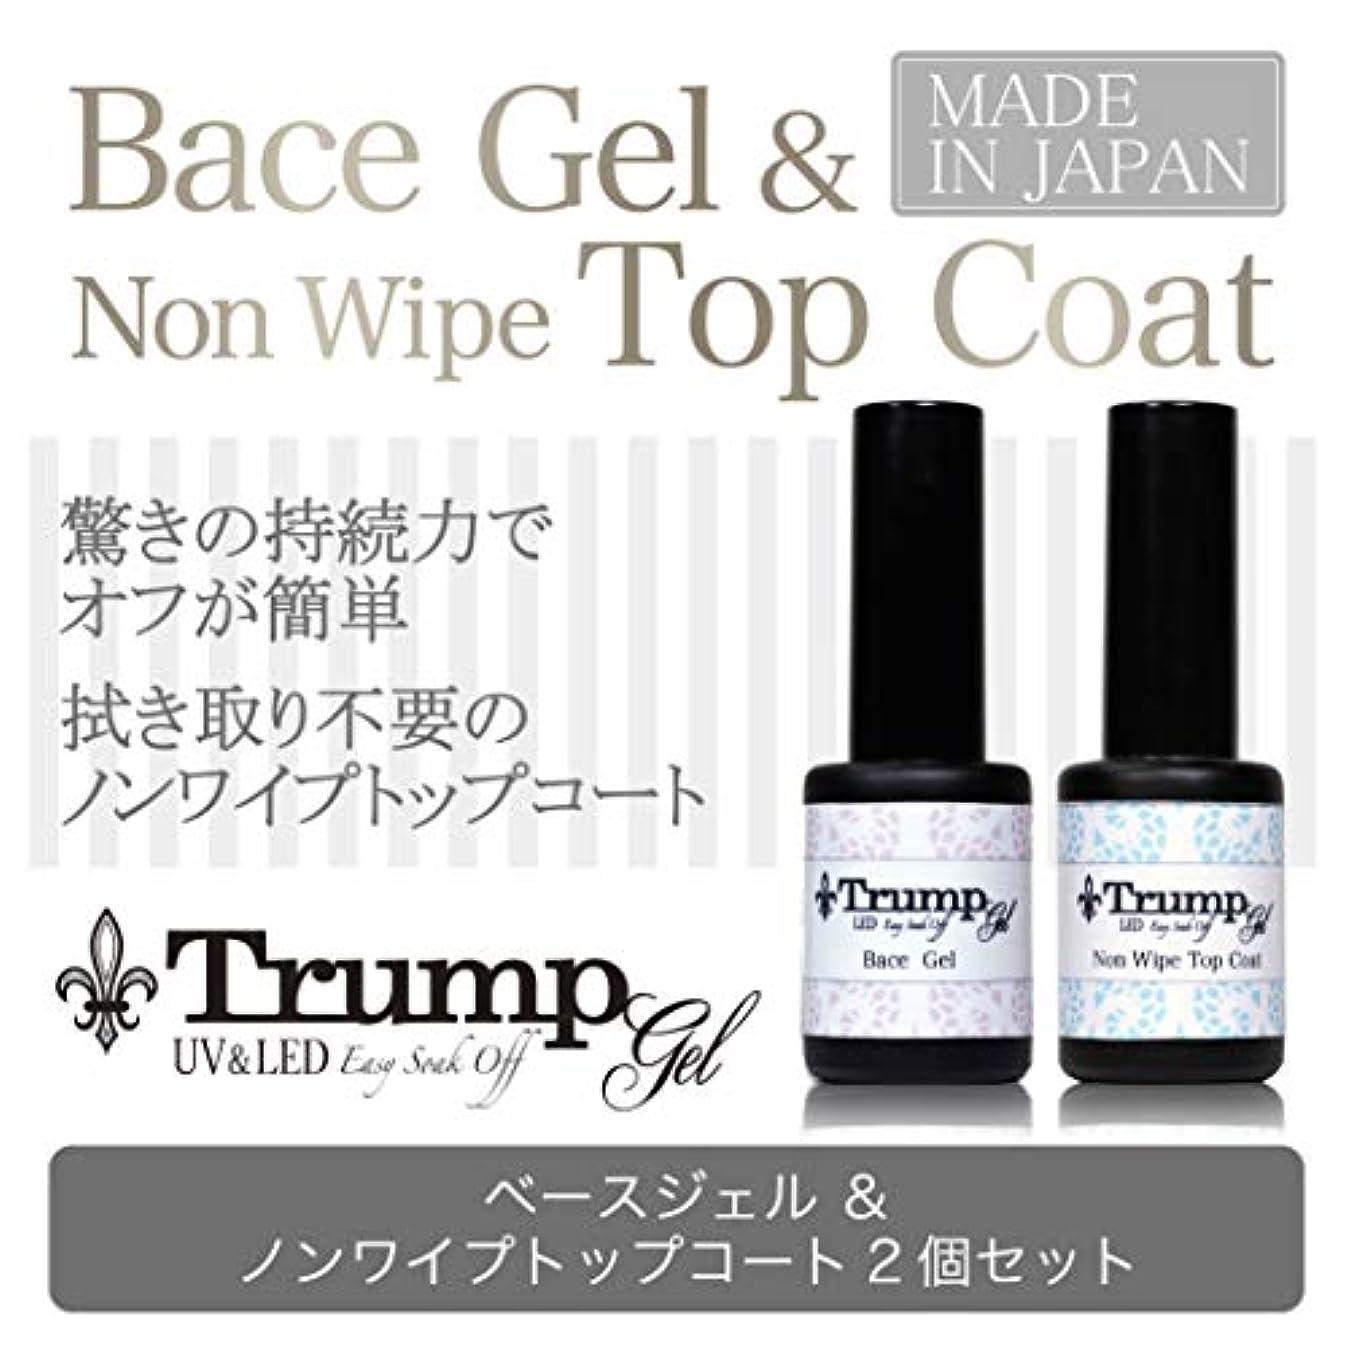 高層ビルスポンジ滑りやすい【日本製】Trump Gel ジェルネイルUV LED ベースジェル & ノンワイプトップコート 大容量10g×2本セット